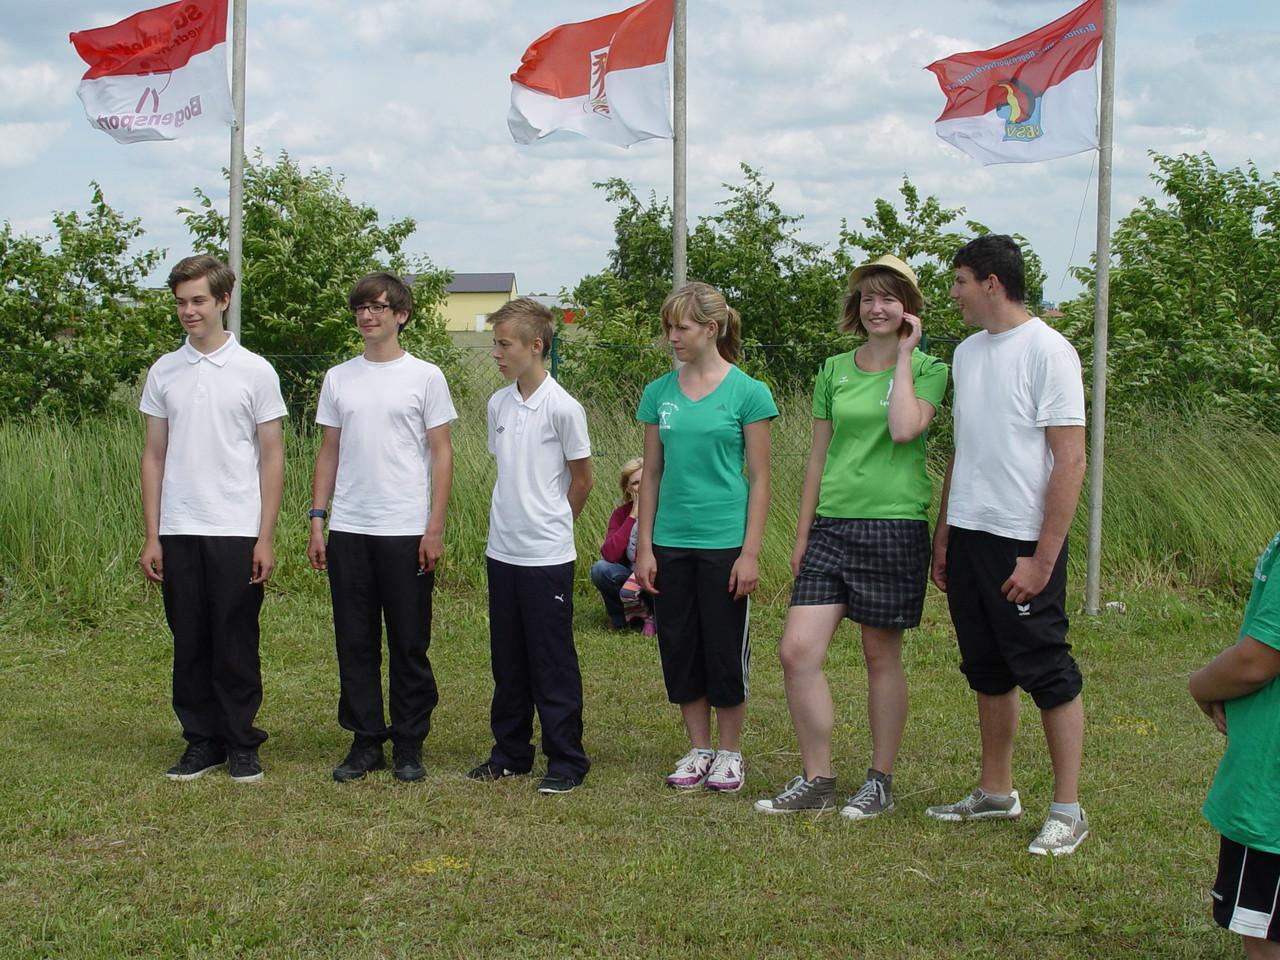 Einige der Kaderschützen die das Turnier als Training wahrnahmen